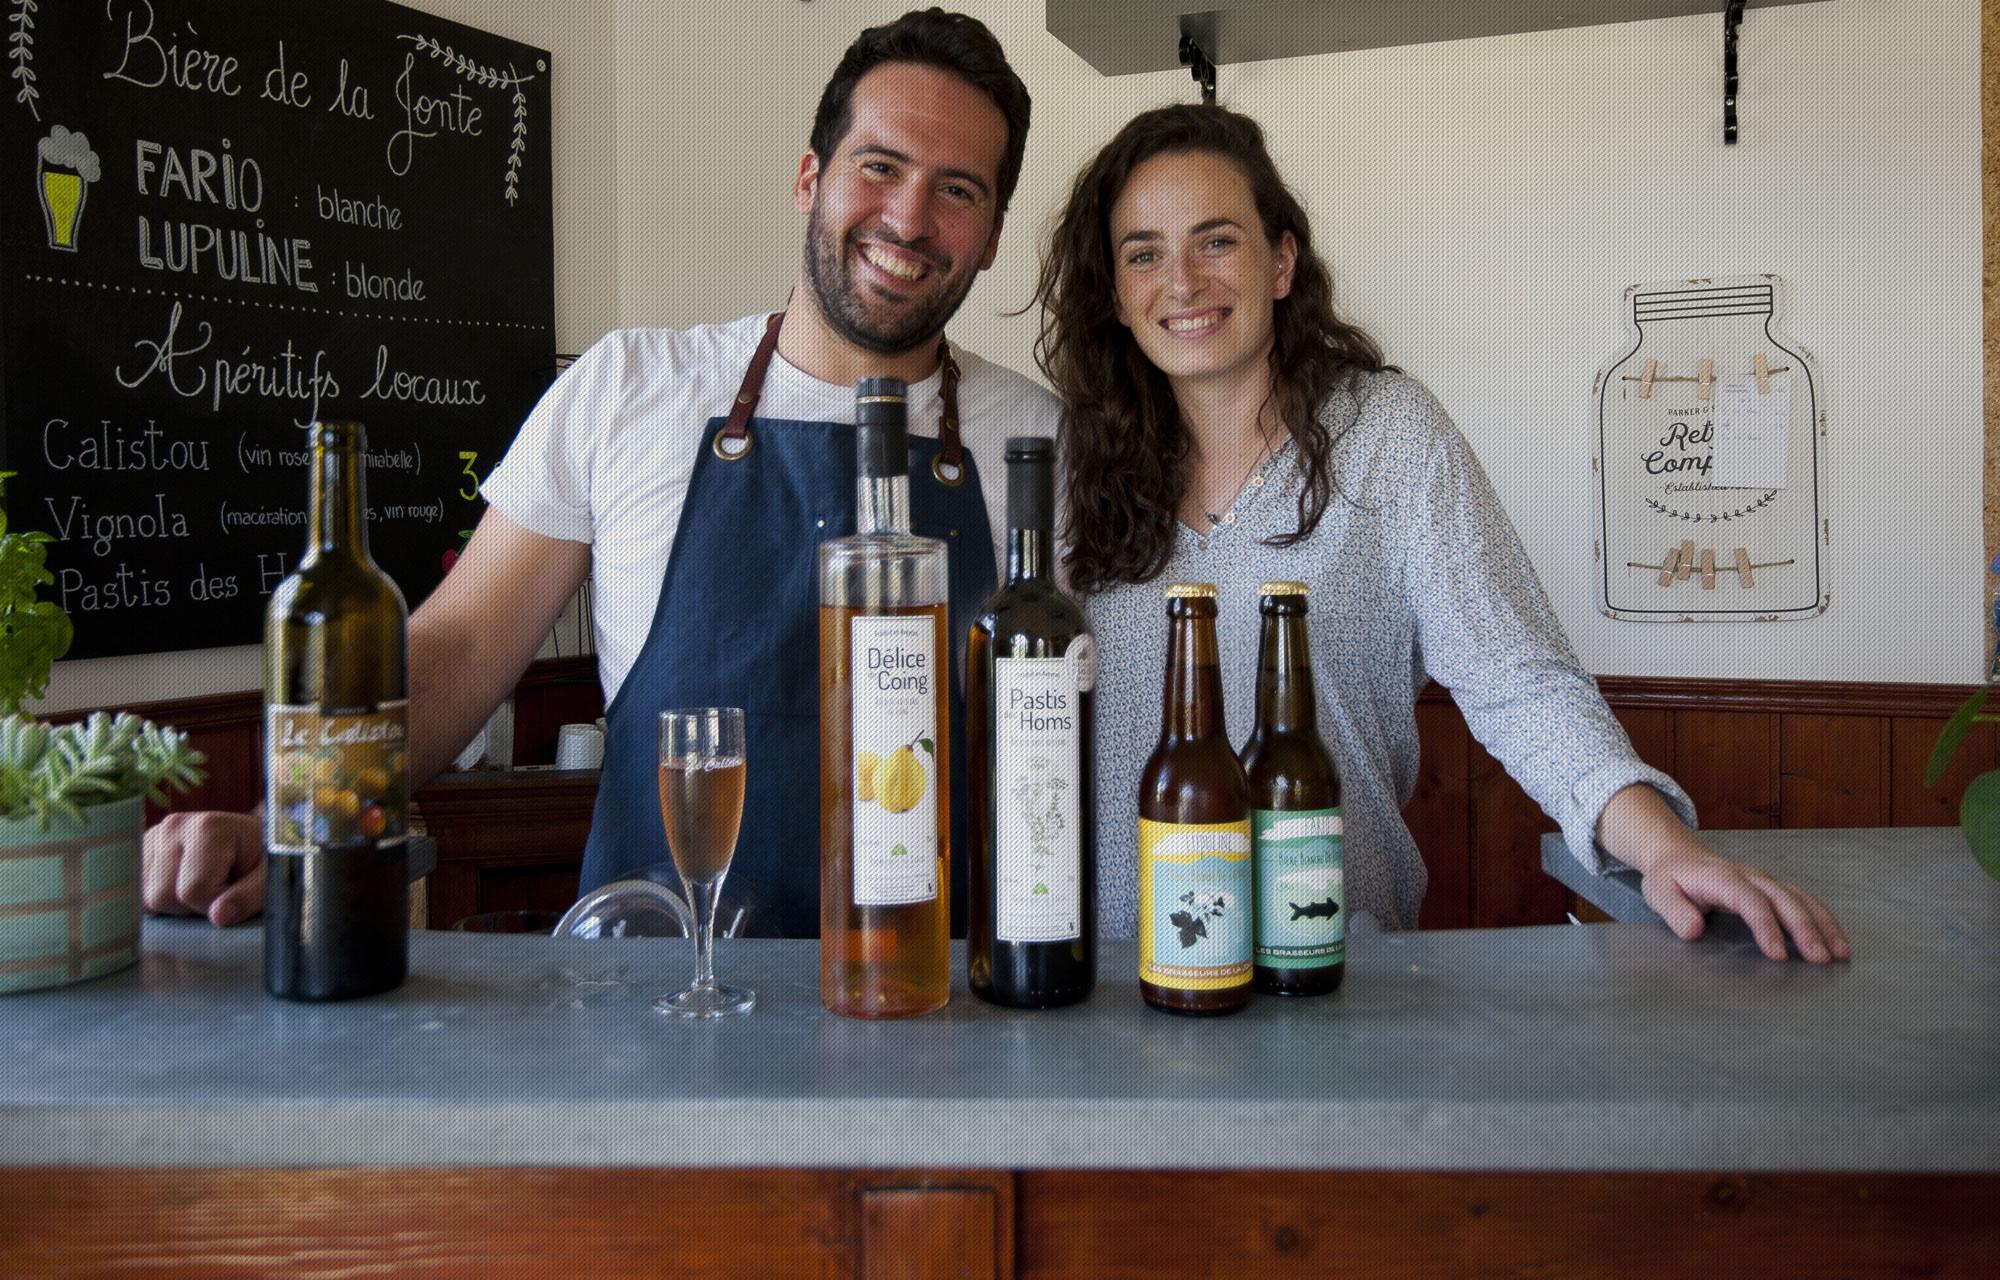 Gîte Évolutions Bieres de la jonte et apéritifs locaux artisanaux